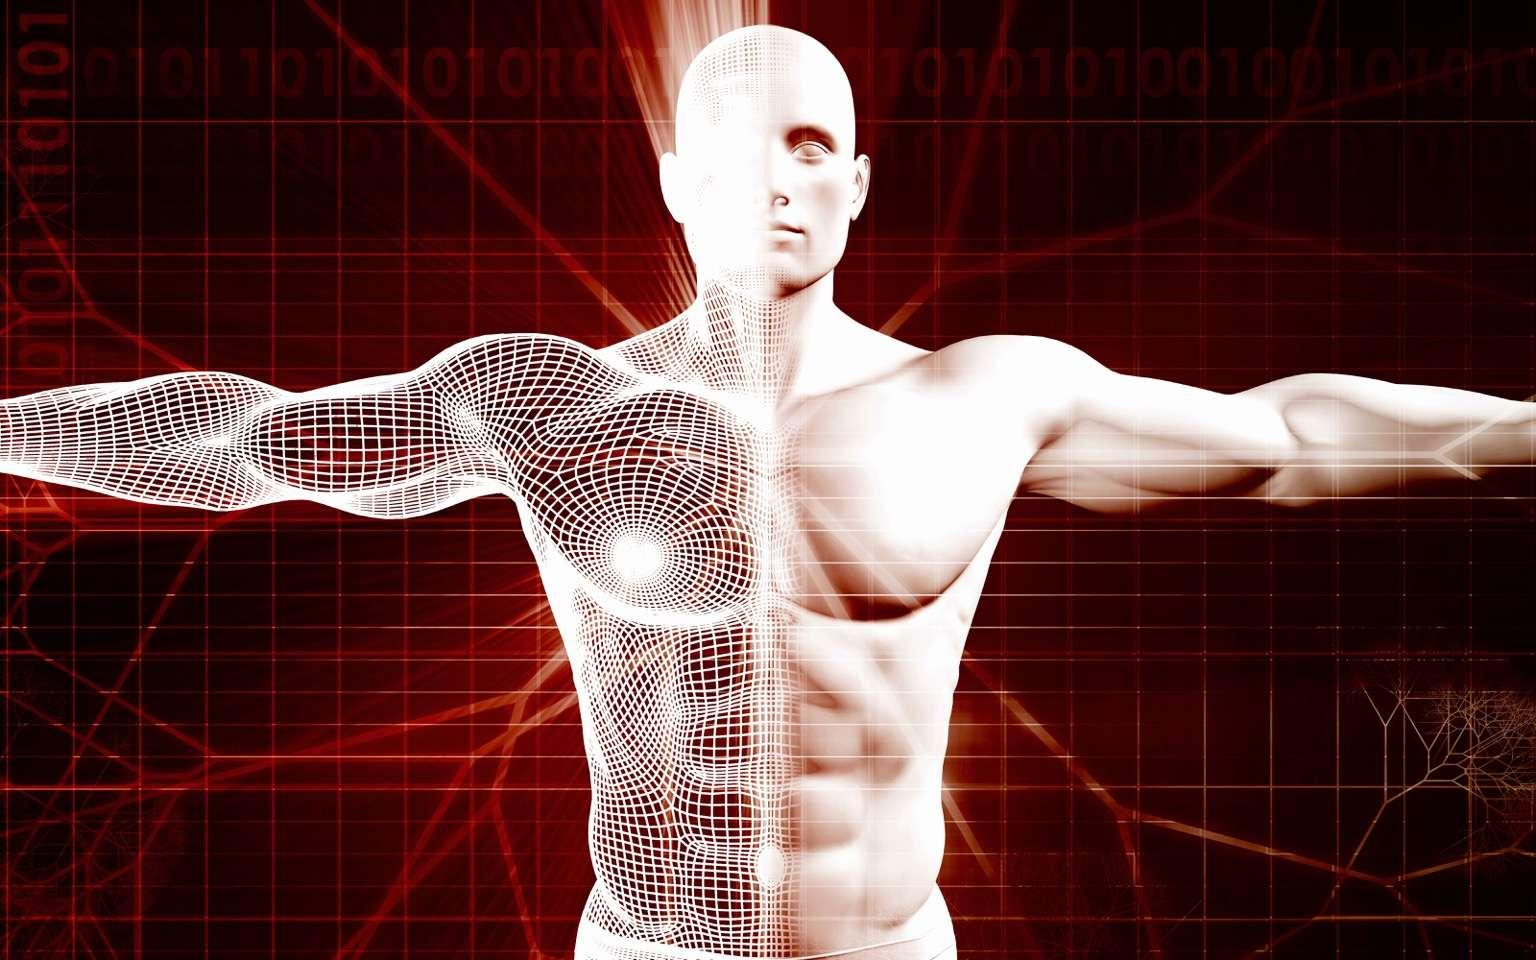 Les avatars numériques ne sont plus de la science-fiction et sont l'avenir de la médecine. © Kentoh, Adobe Stock